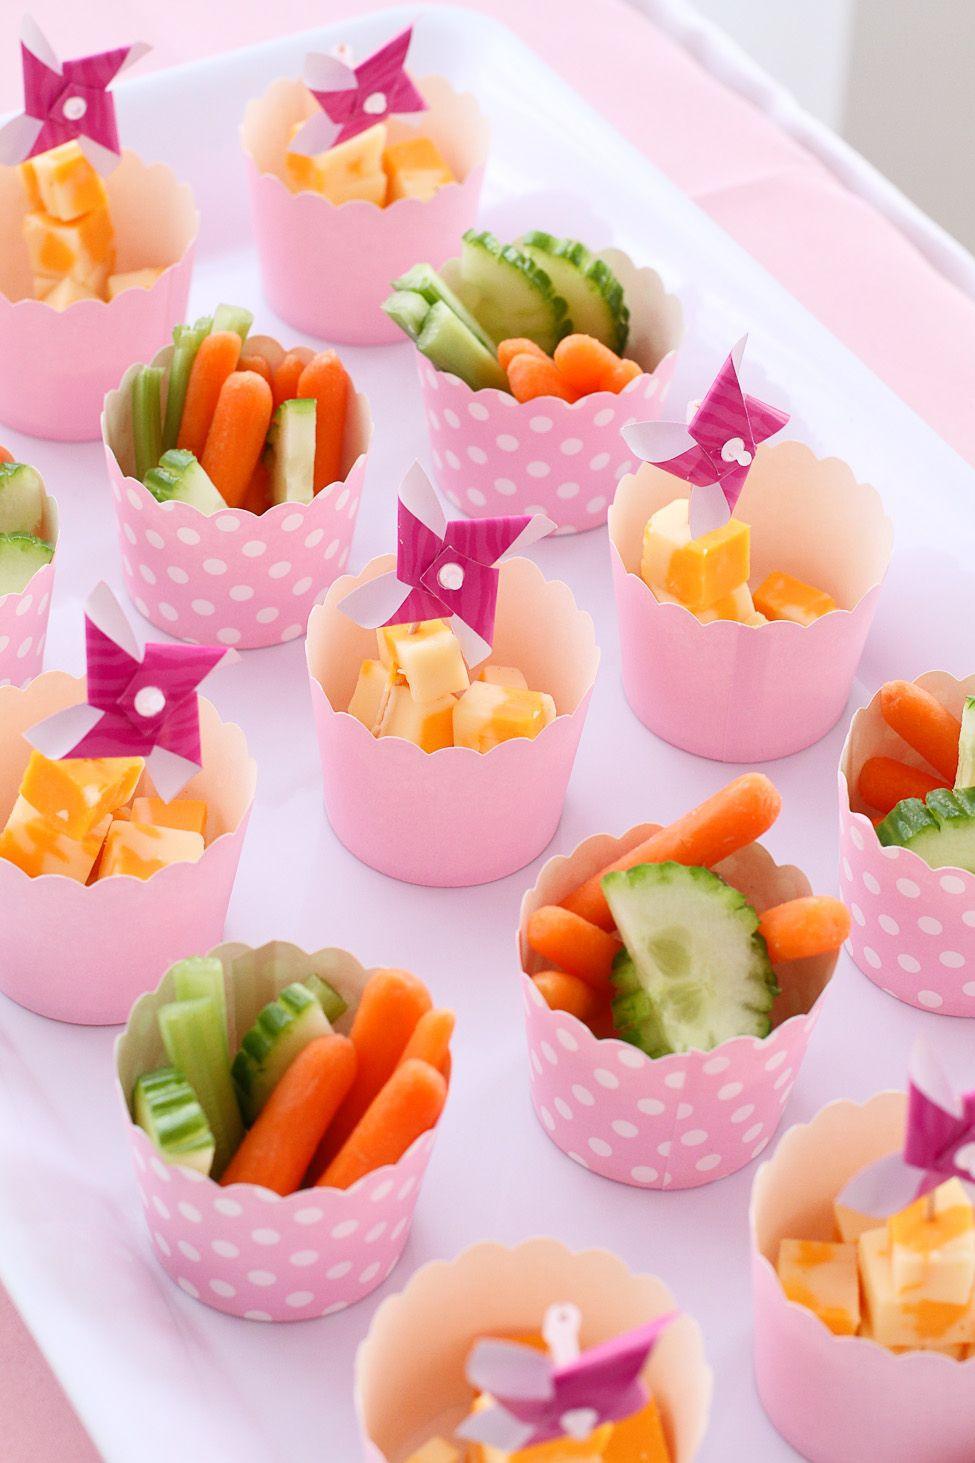 Geburtstagsfeier Essen  Gemüsesticks in Muffinförmchen Eine gesunde und leckere